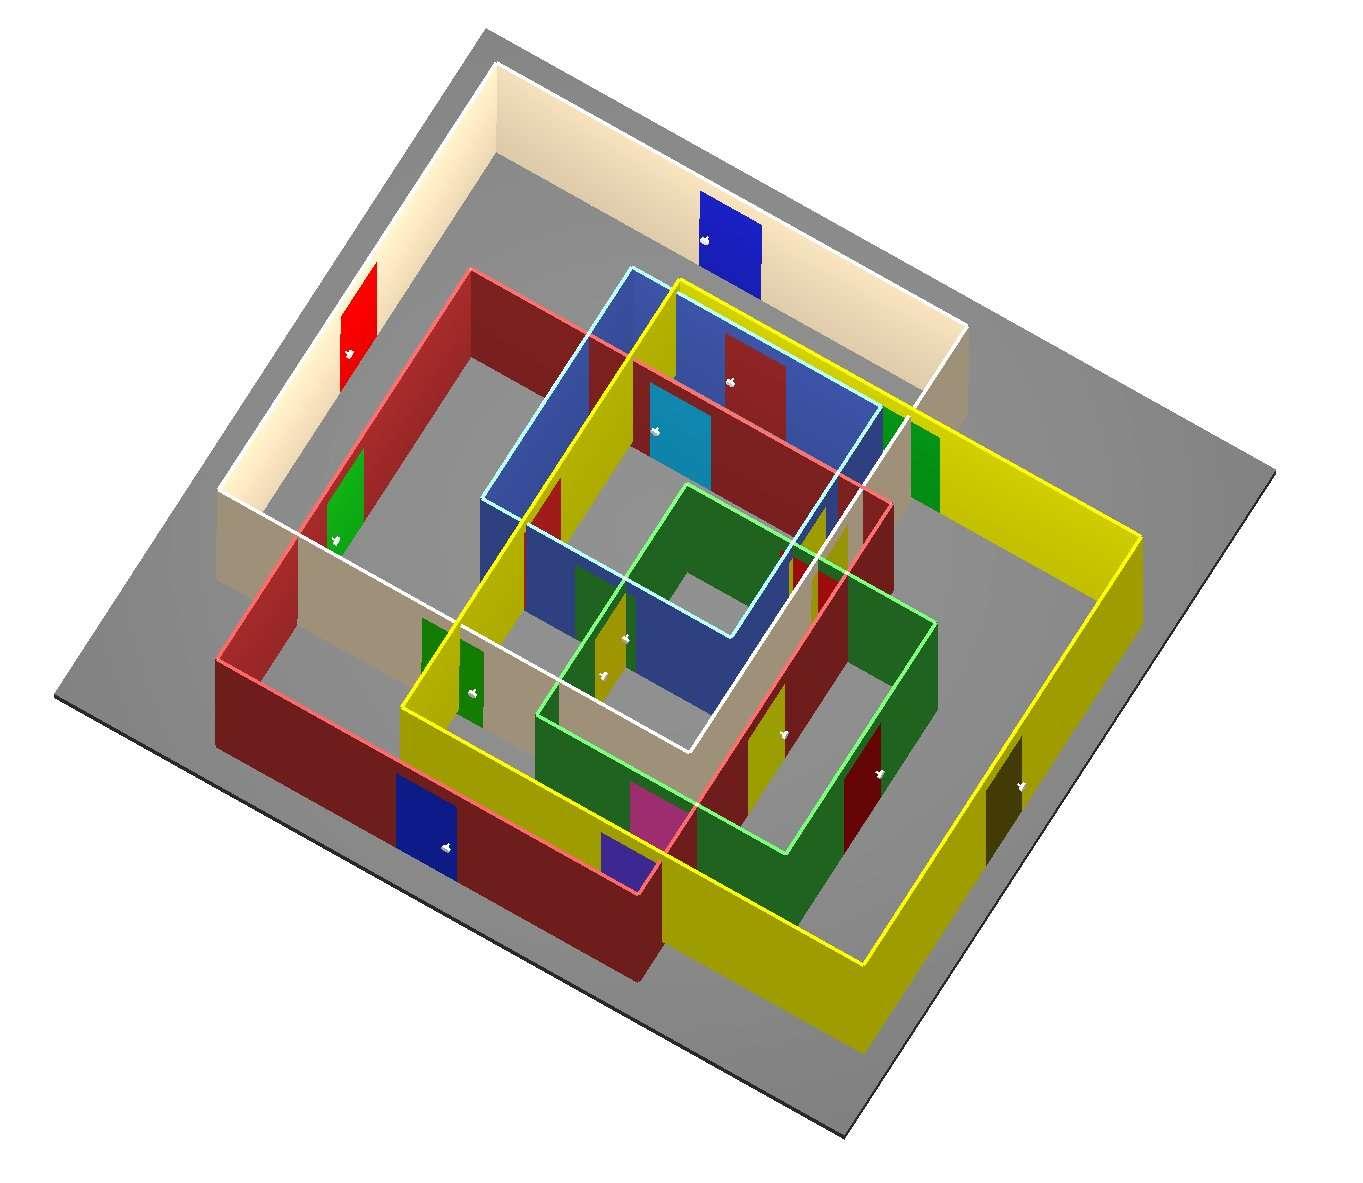 Exemple du type de configuration virtuelle que l'algorithme Flexible Spaces peut générer de façon aléatoire. L'utilisateur navigue en passant par des couloirs qui sont réorientés dynamiquement, à chaque fois qu'il quitte une pièce, en empruntant la porte de son choix. Ceci lui donne l'illusion de circuler librement, alors qu'en réalité il suit un parcours circulaire. © Université technique de Vienne